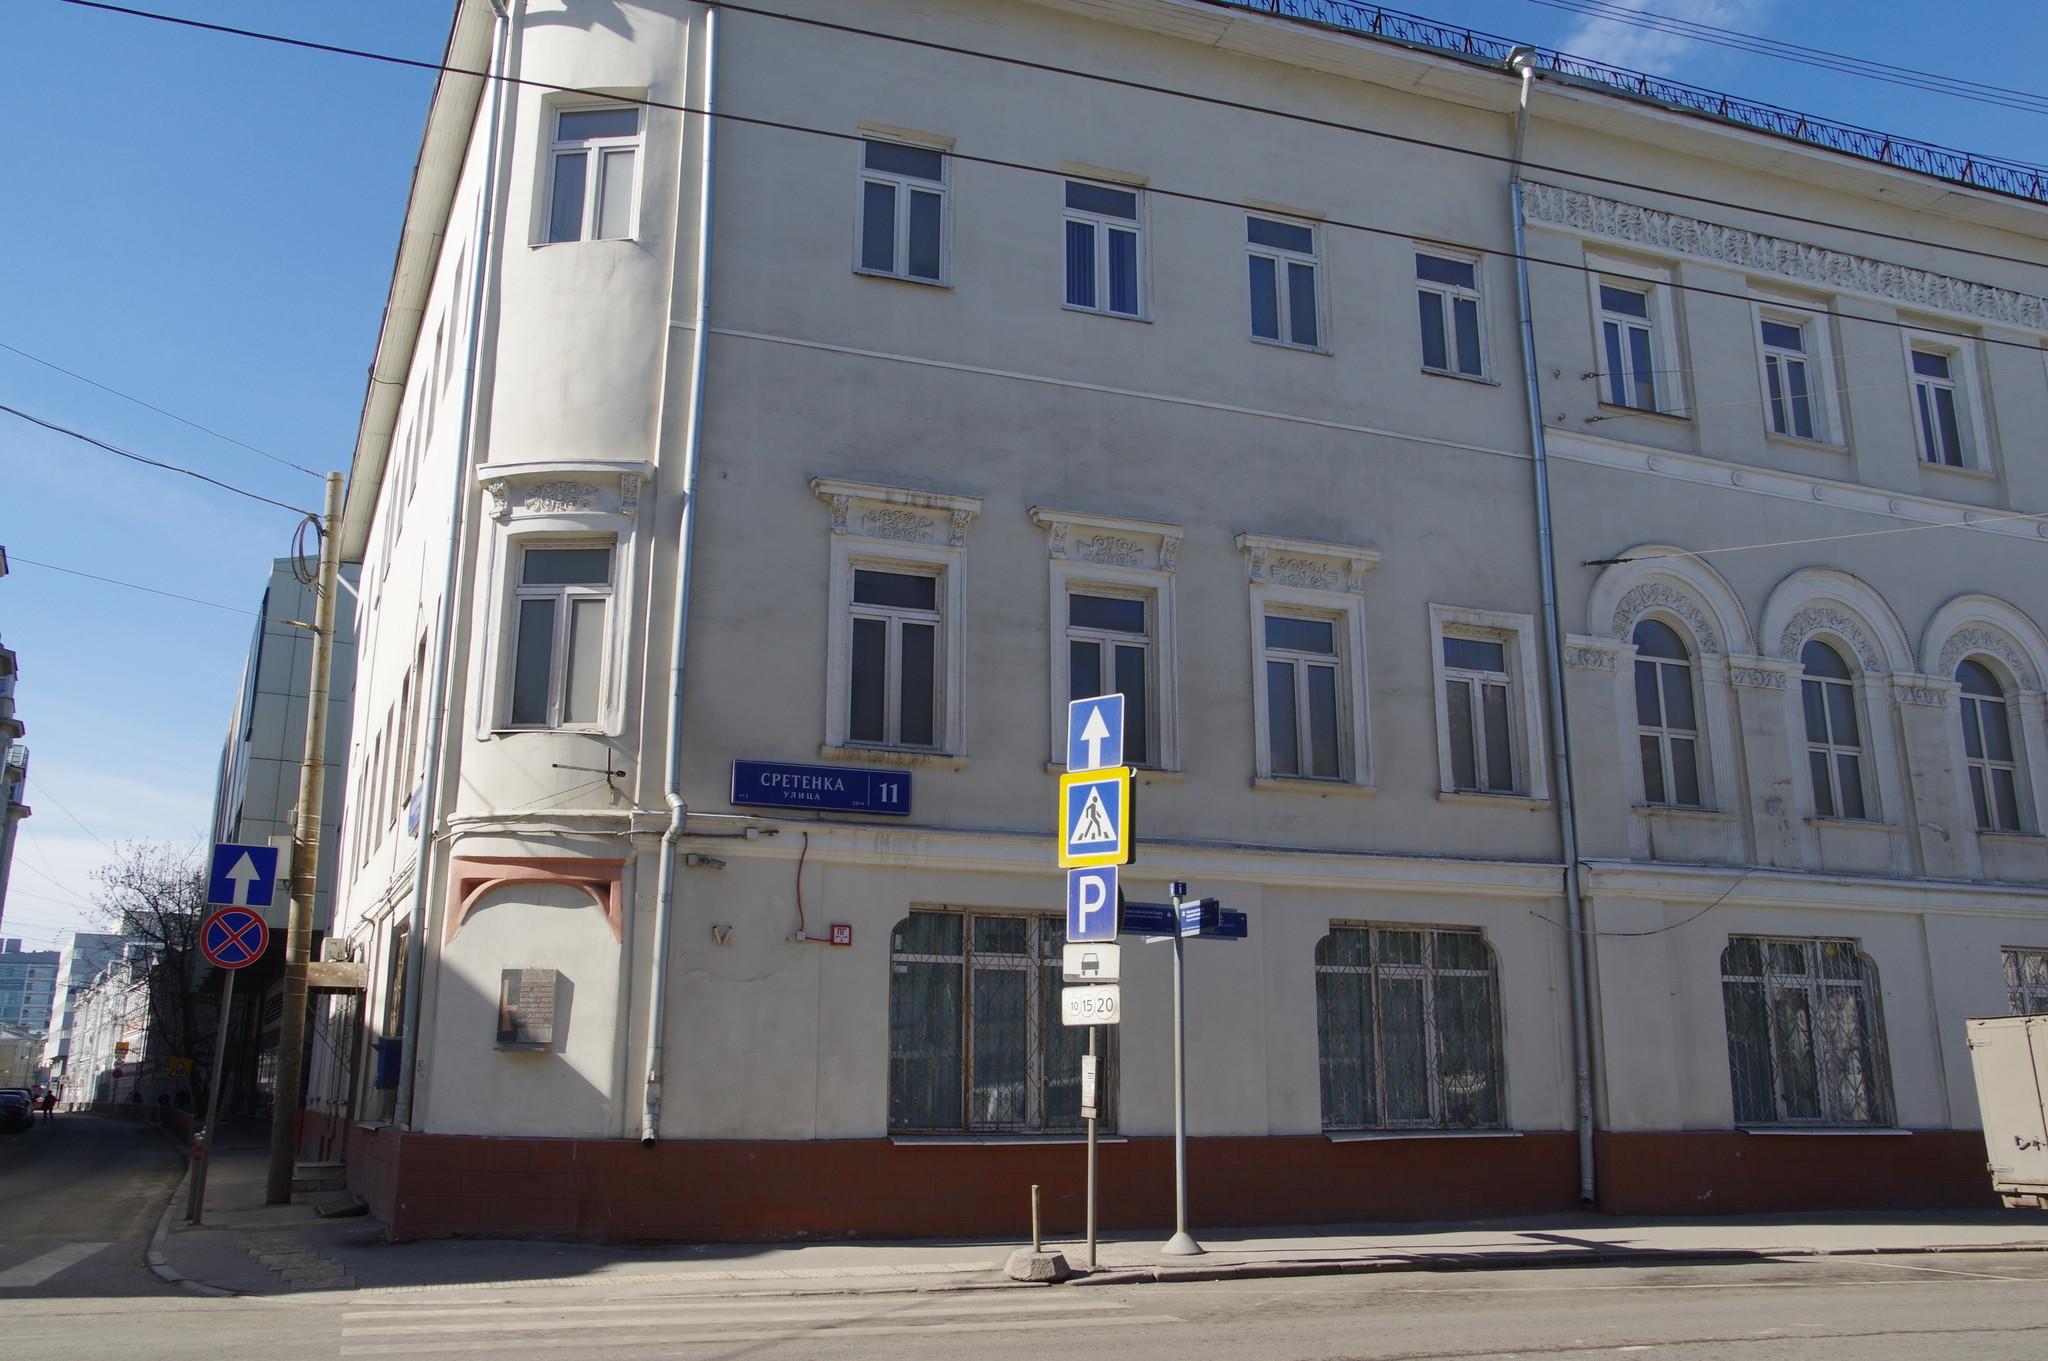 Жилой дом купцов Сушенковых с лавками. В июле 1941 года здесь была сформирована 13-я дивизия народного ополчения (улица Сретенка, дом 11)